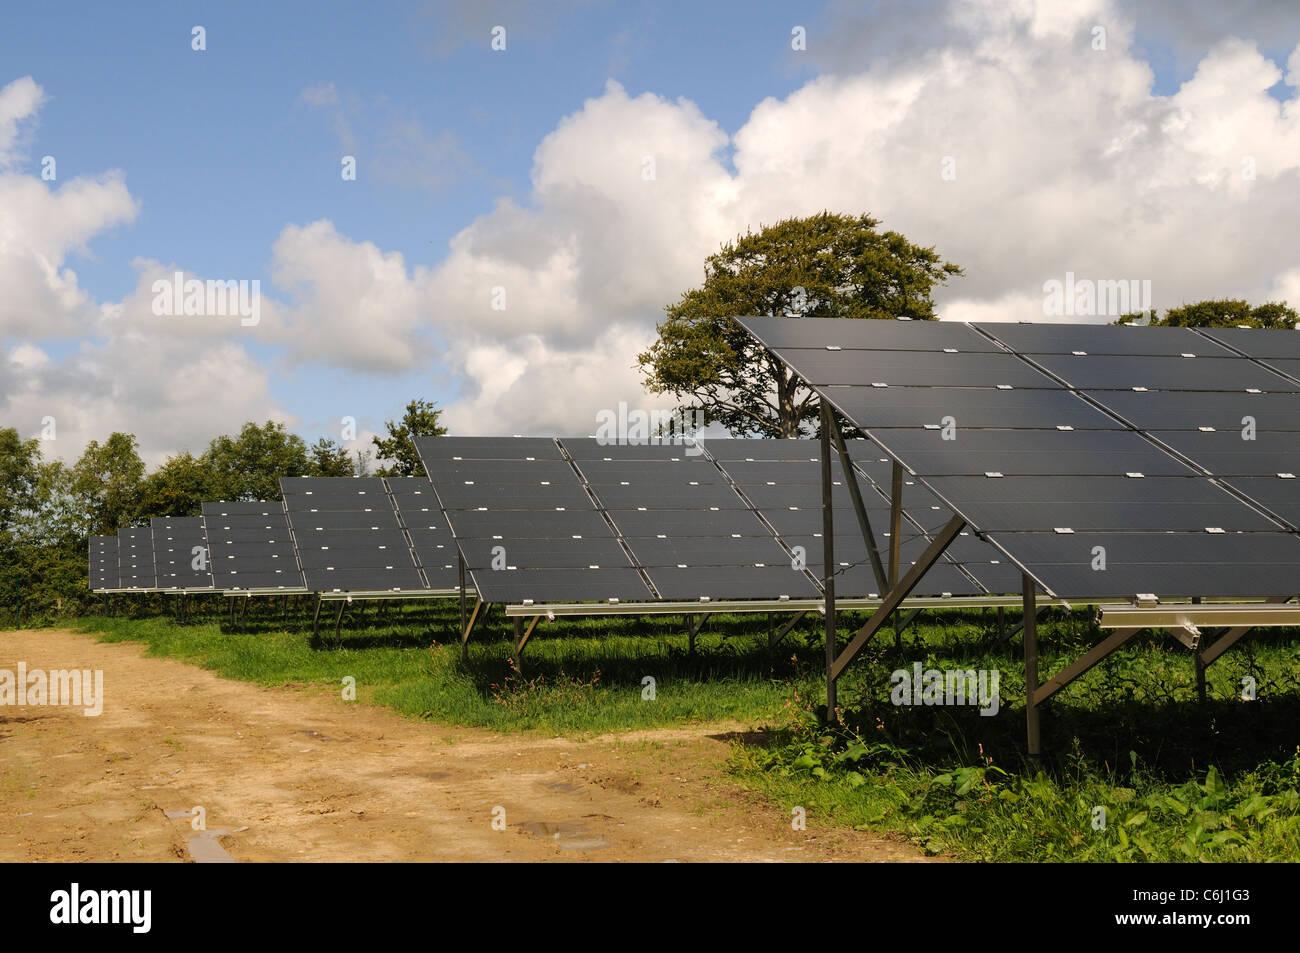 Parque de paneles solares en Rhosygilwen nr Cardigan Gales pembrokeshire Cymru REINO UNIDO GB Imagen De Stock